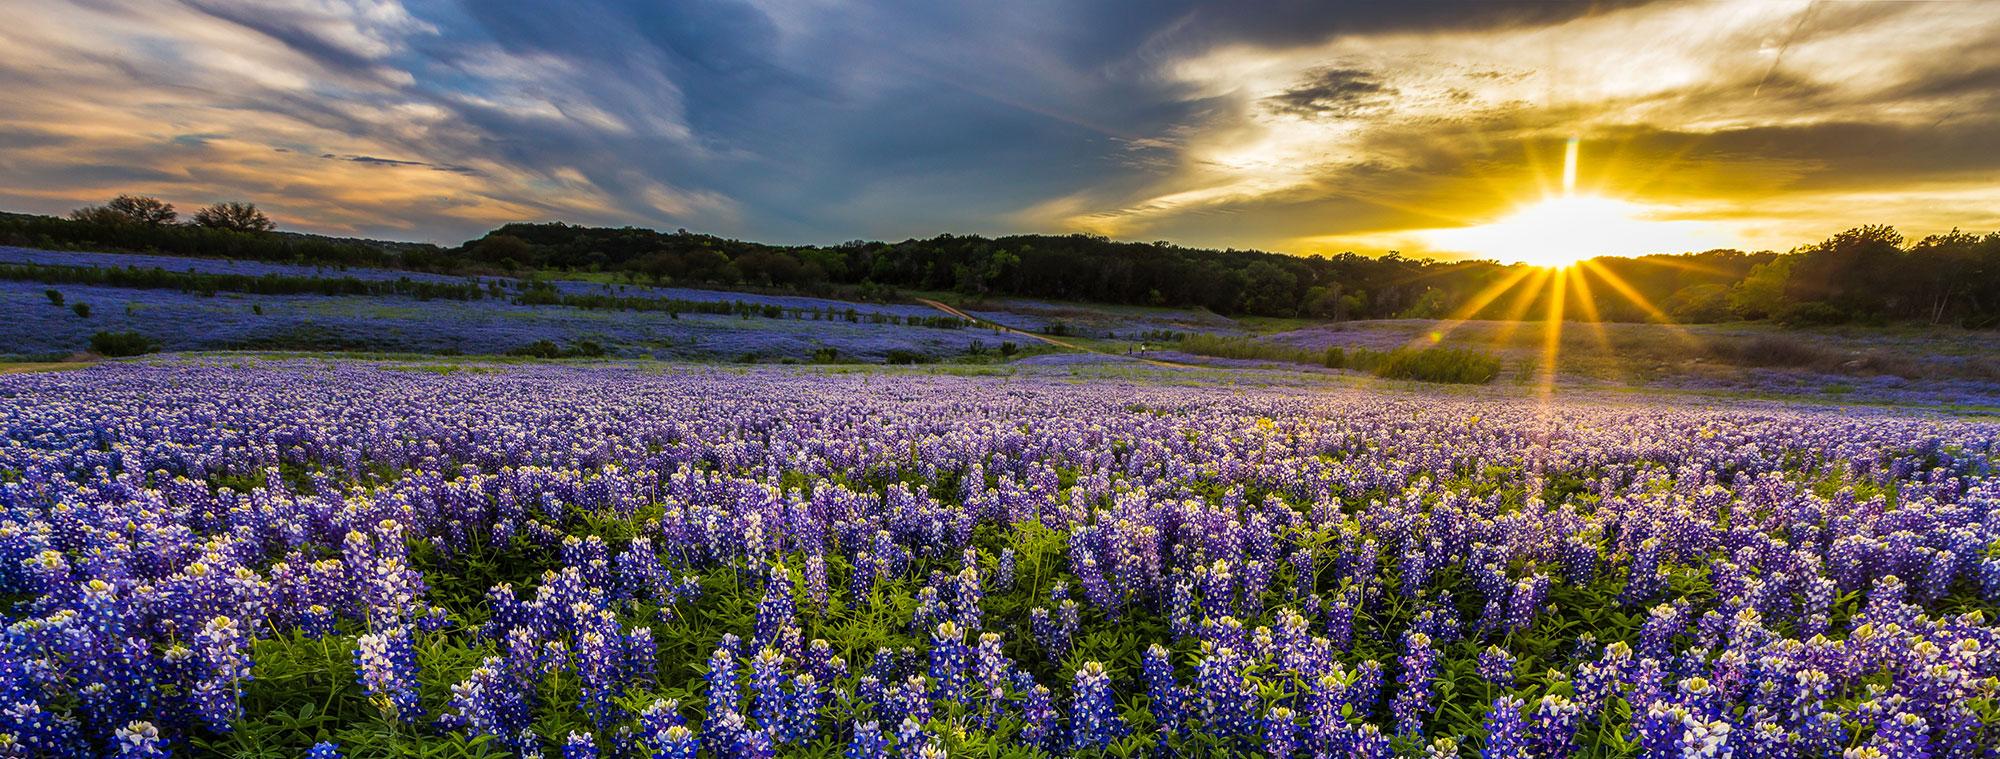 Texas addiction rehab near you